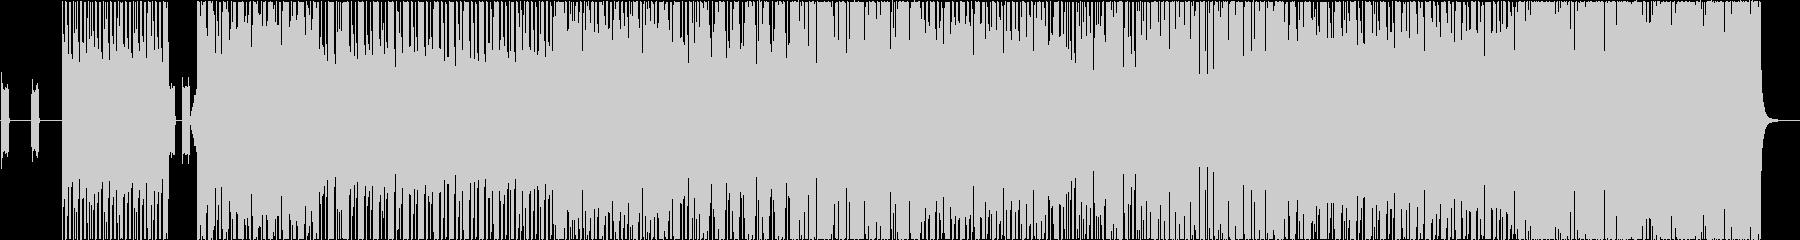 サイバーなハウスミュージック♪の未再生の波形